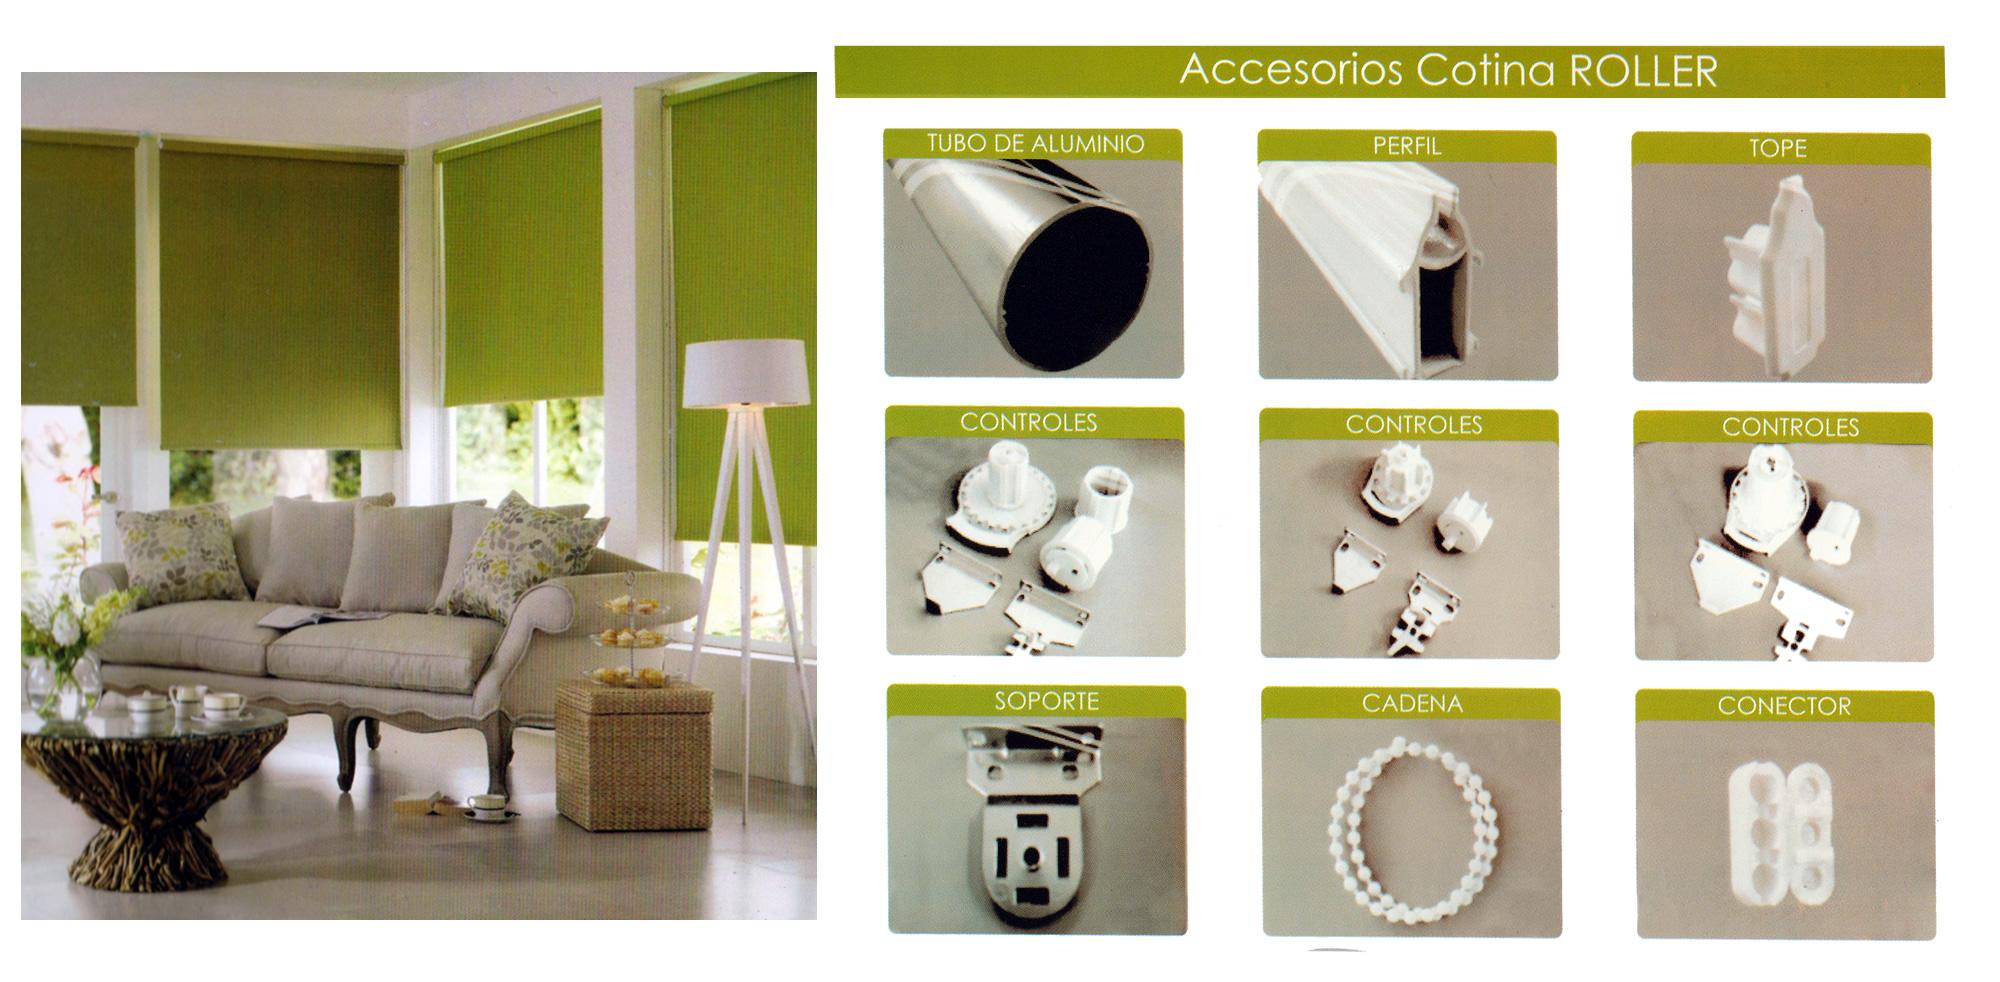 Accesorios para cortinas en guayaquil cortinas contreras - Accesorios para cortinas ...